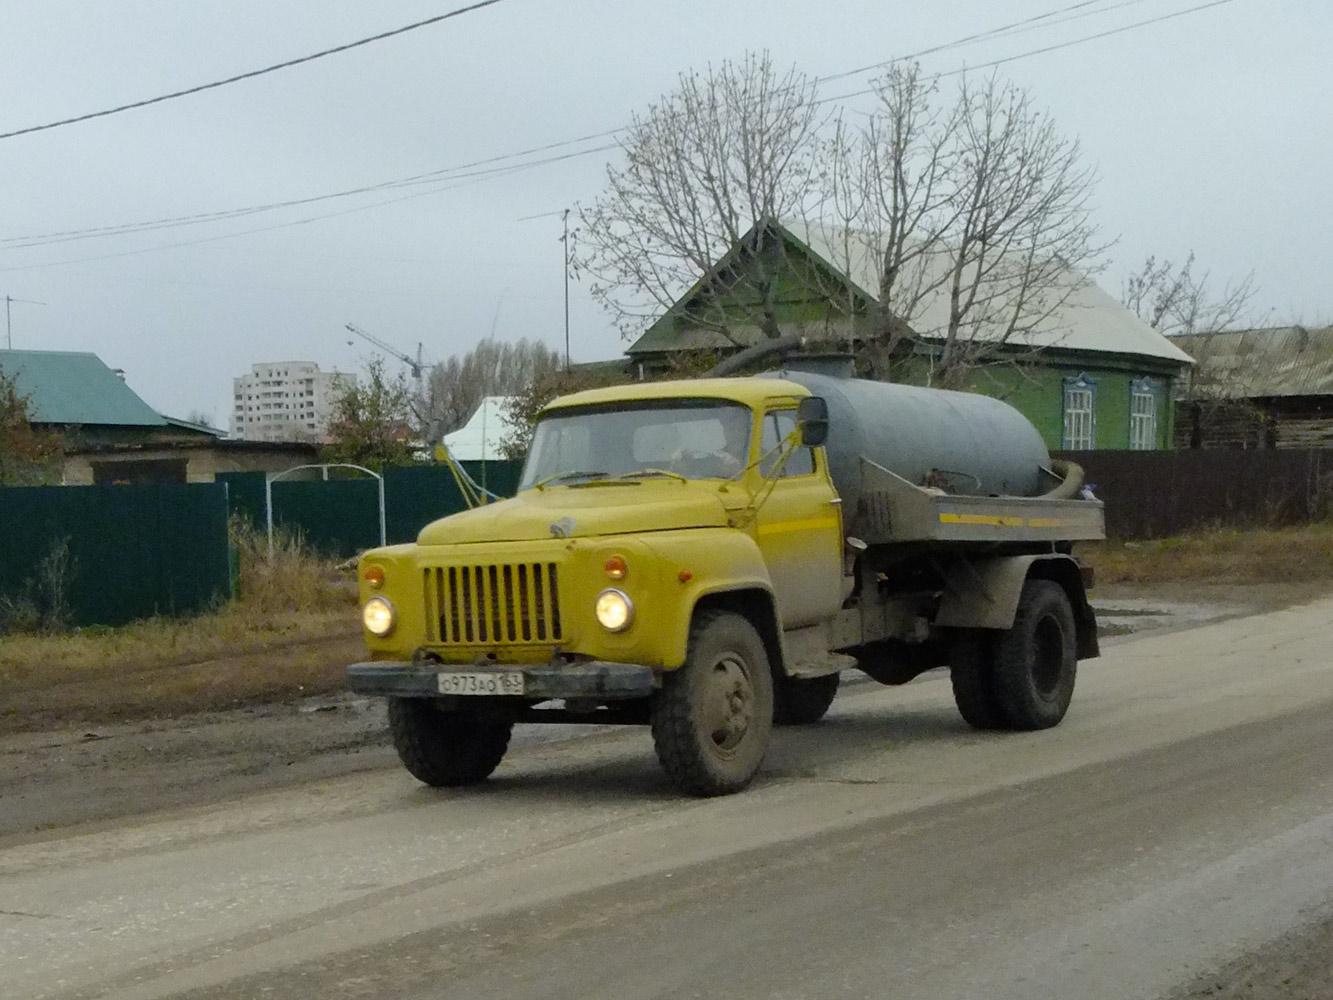 Ассенизатор на базе ГАЗ-53 №О 973 АО 163. Самарская область, Кинель, улица 50 лет Октября